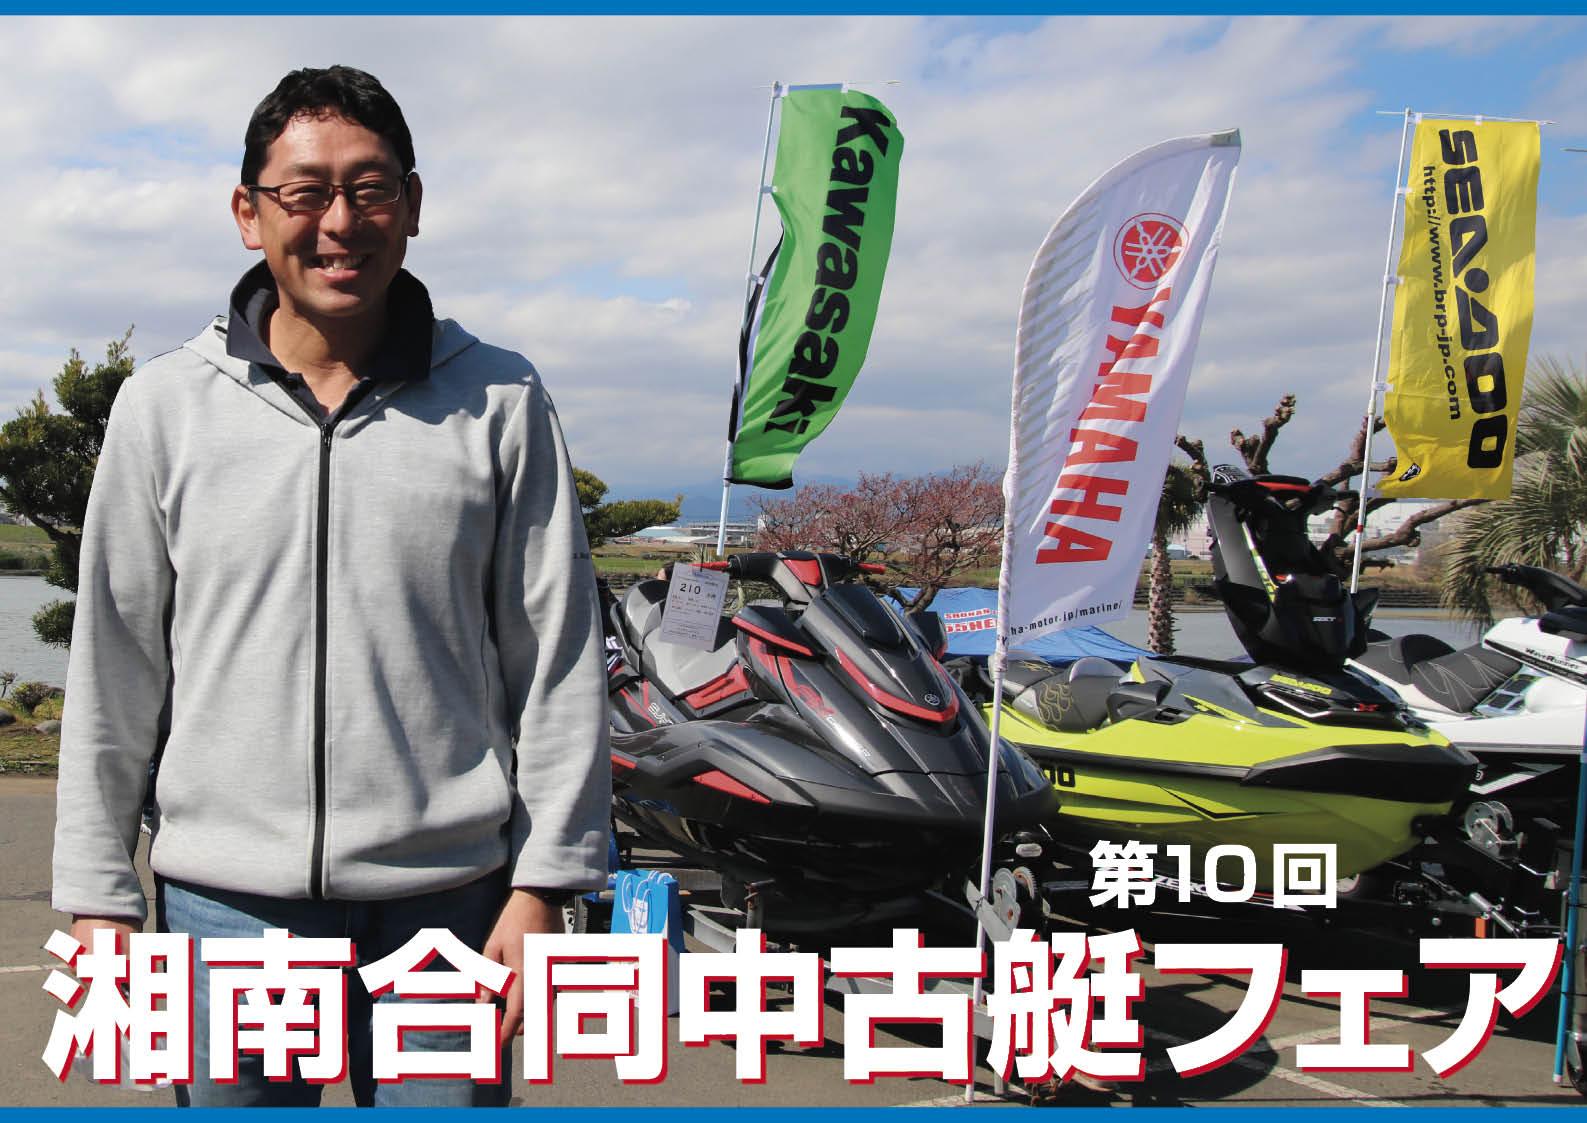 【屋外イベント】 第10回 湘南合同中古艇フェア 開催 (水上バイク)